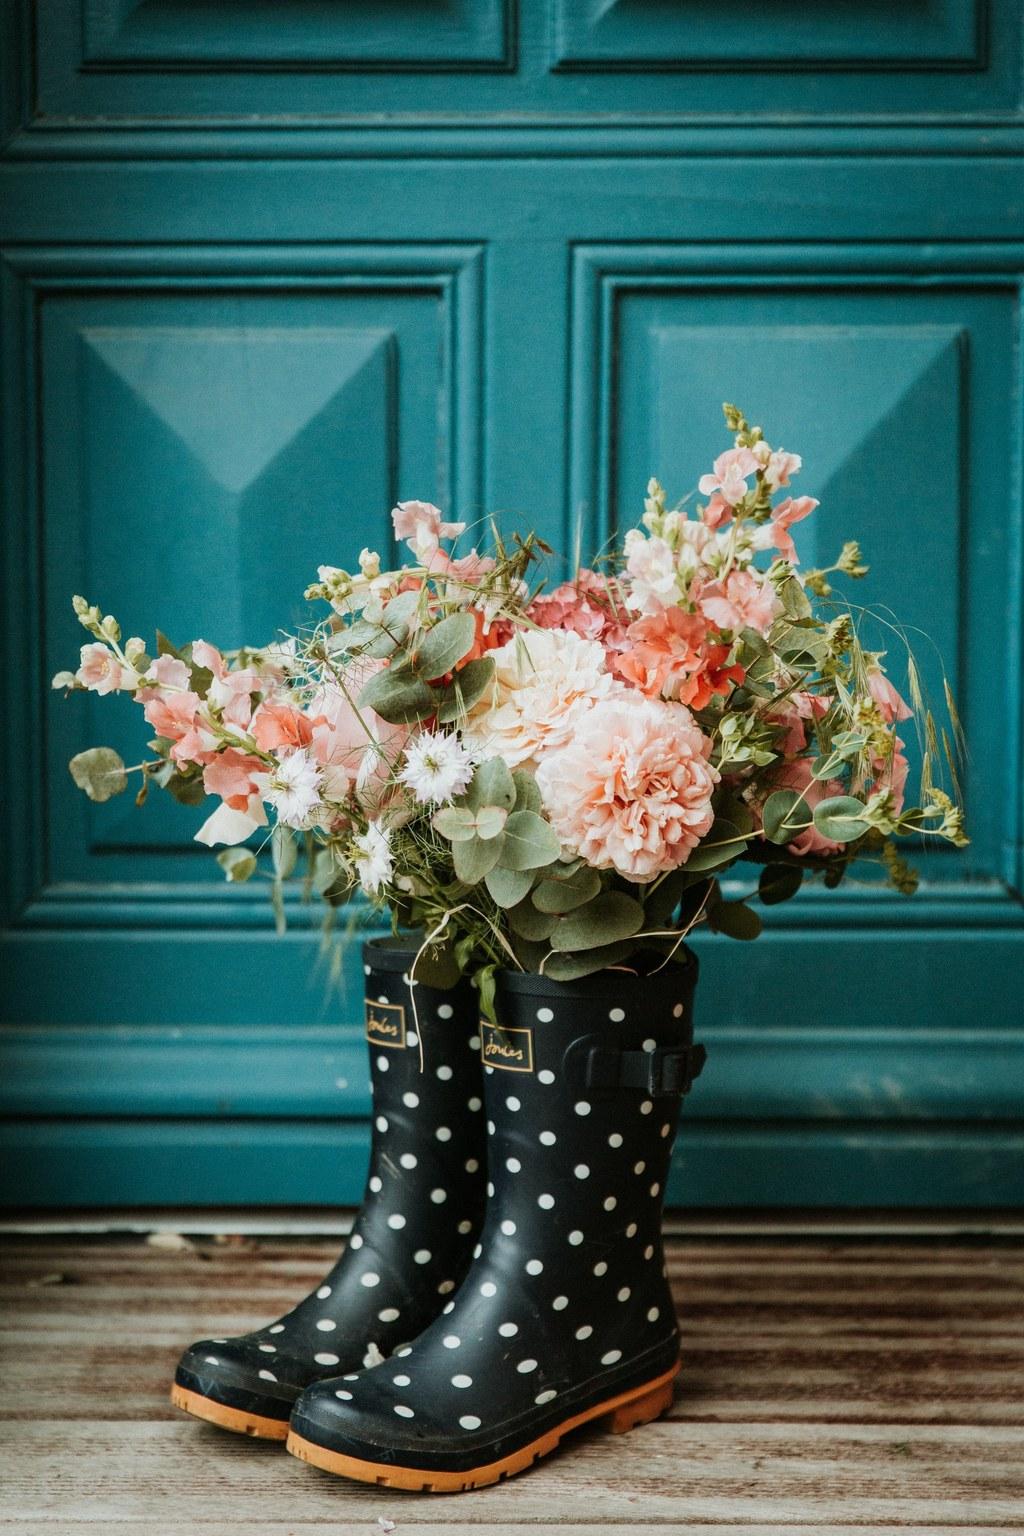 stylisme coaching professionnels mariage nantes, décoration de mariage, composition florale, bouquet de mariée, décoration naturelle, mariage, fleuriste de mariage, coaching prestataires de mariage